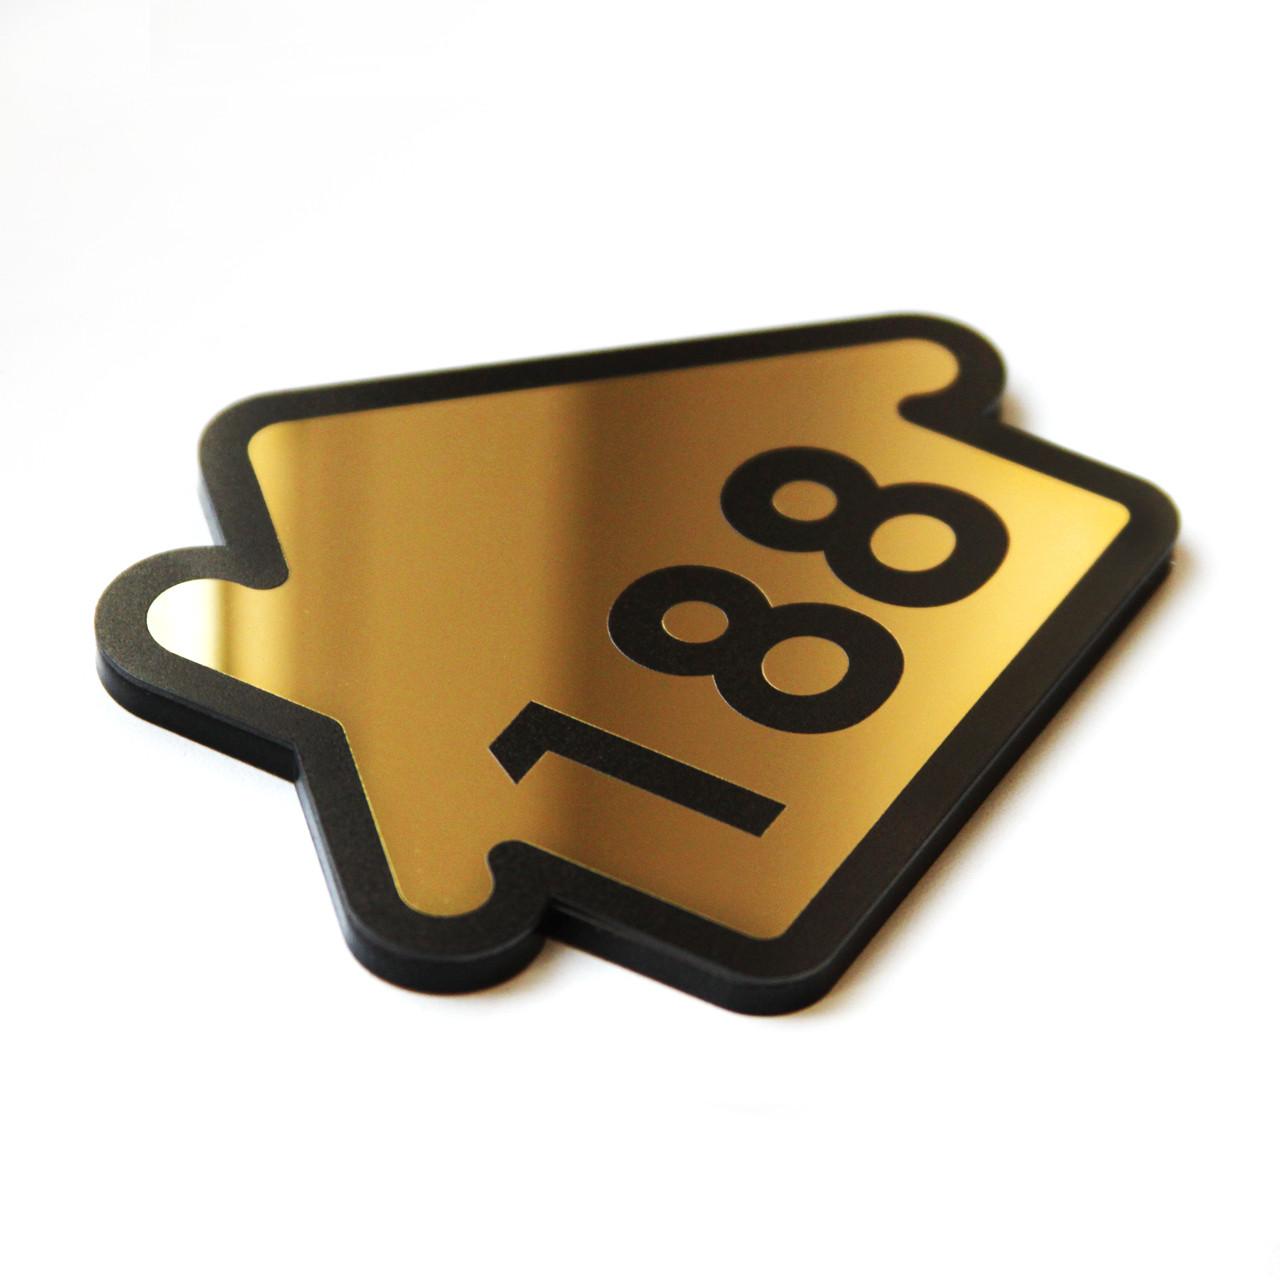 Номер квартиры «Домик» Gold